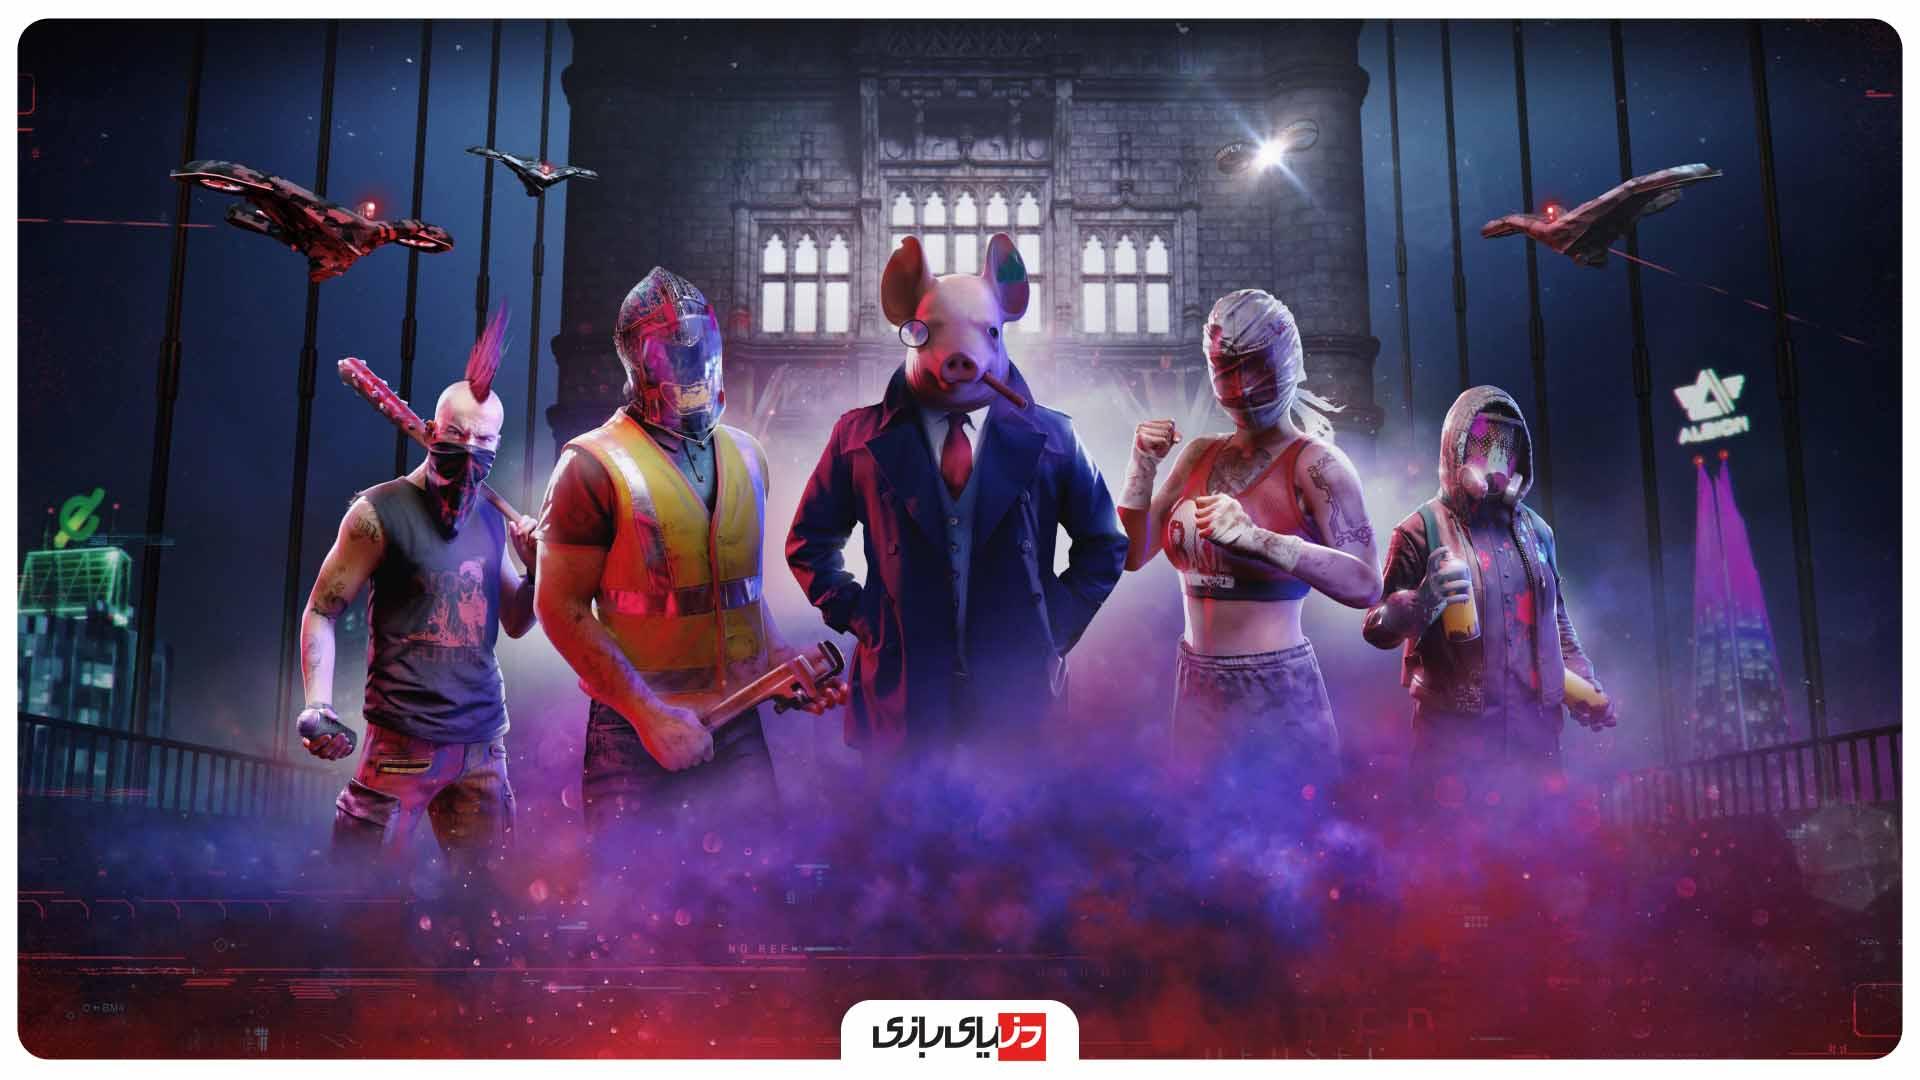 بهترین بازی های سال 2020 از نگاه IGN - بازی Watch Dogs Legion